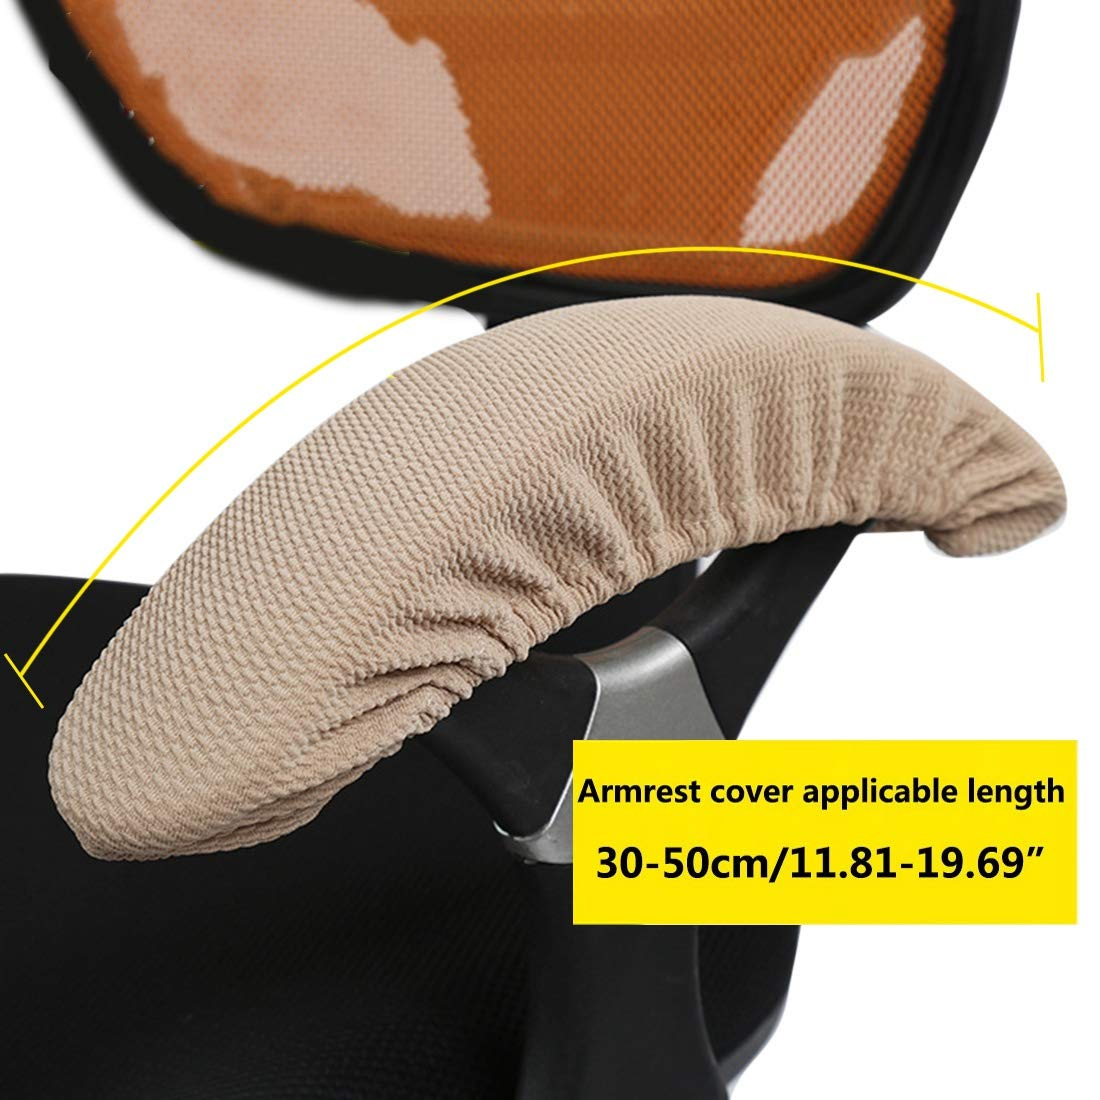 2 Piezas Gris Xianheng Fundas Cubiertas del Apoyabrazos El/ásticas Protectores para Ordenador de Cubiertas de la Silla Oficina Suave Ajustable C/ómodo